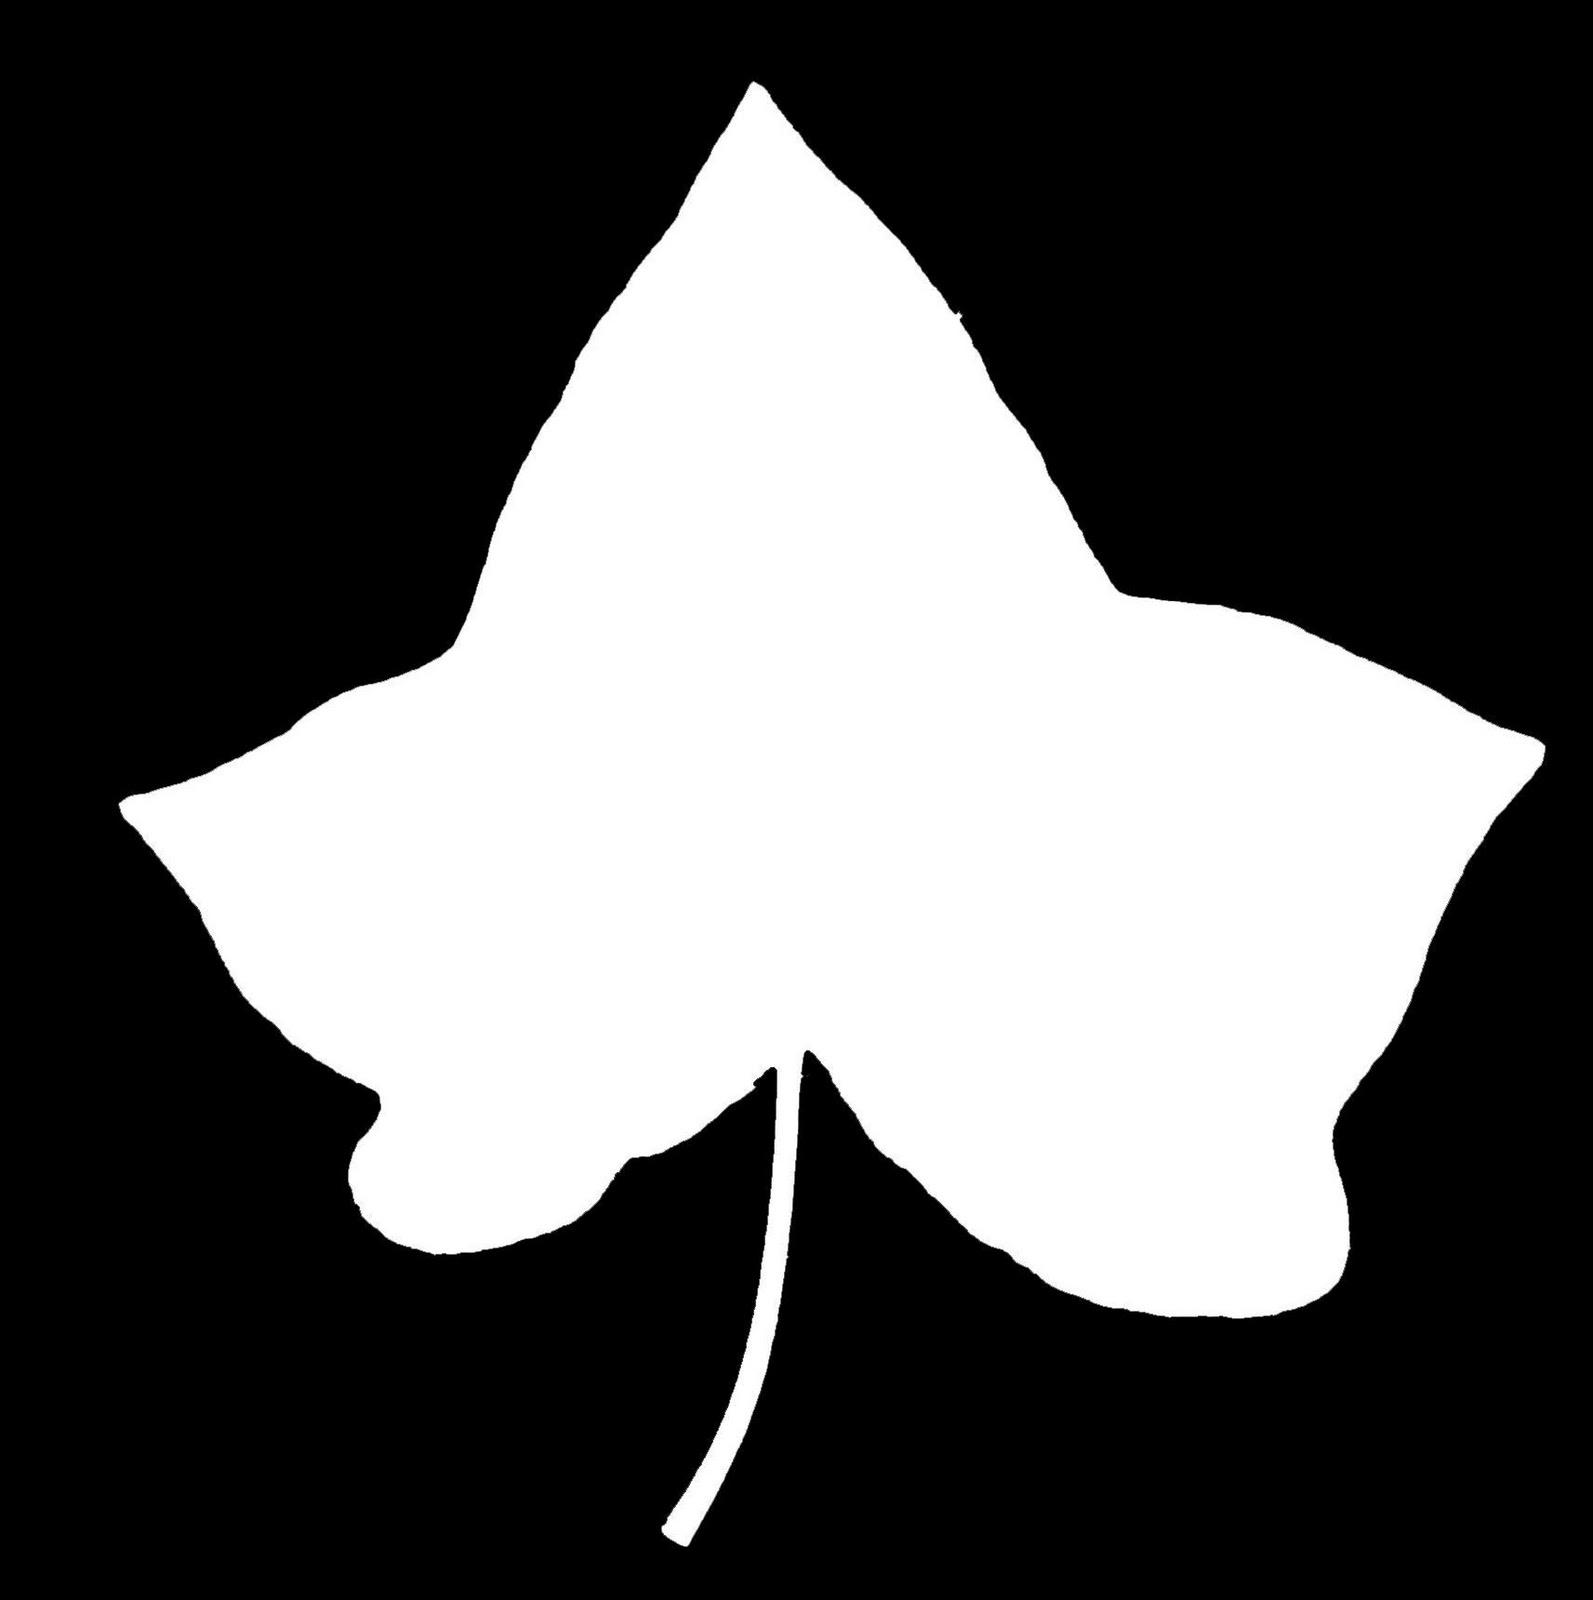 Alpha phi ivy leaf clip art - ClipartFest png freeuse